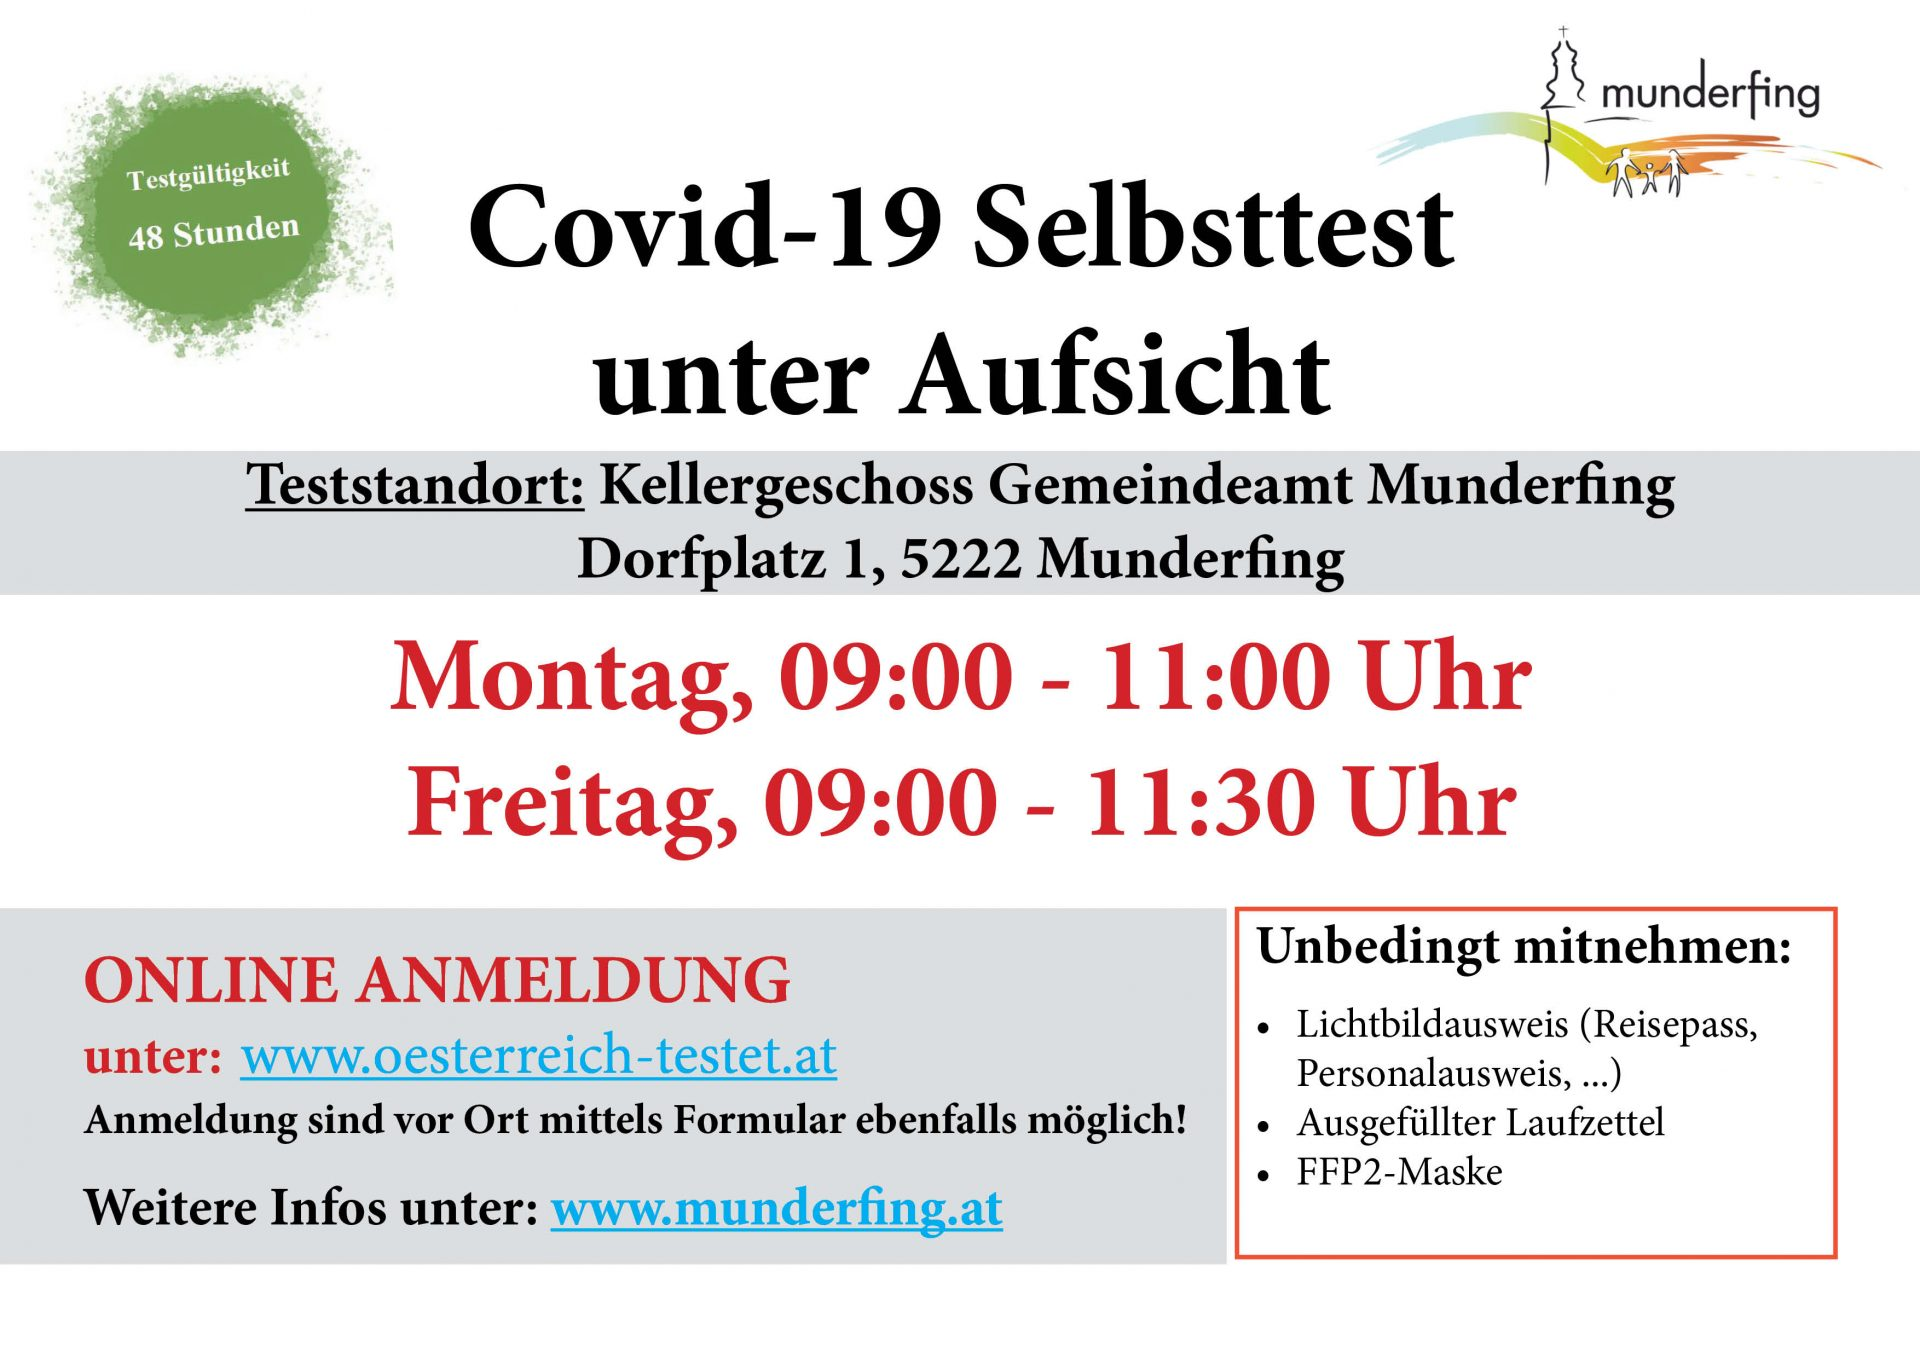 Dieses Bild zeigt die Öffnungszeiten der Teststation am Gemeindeamt Munderfing.